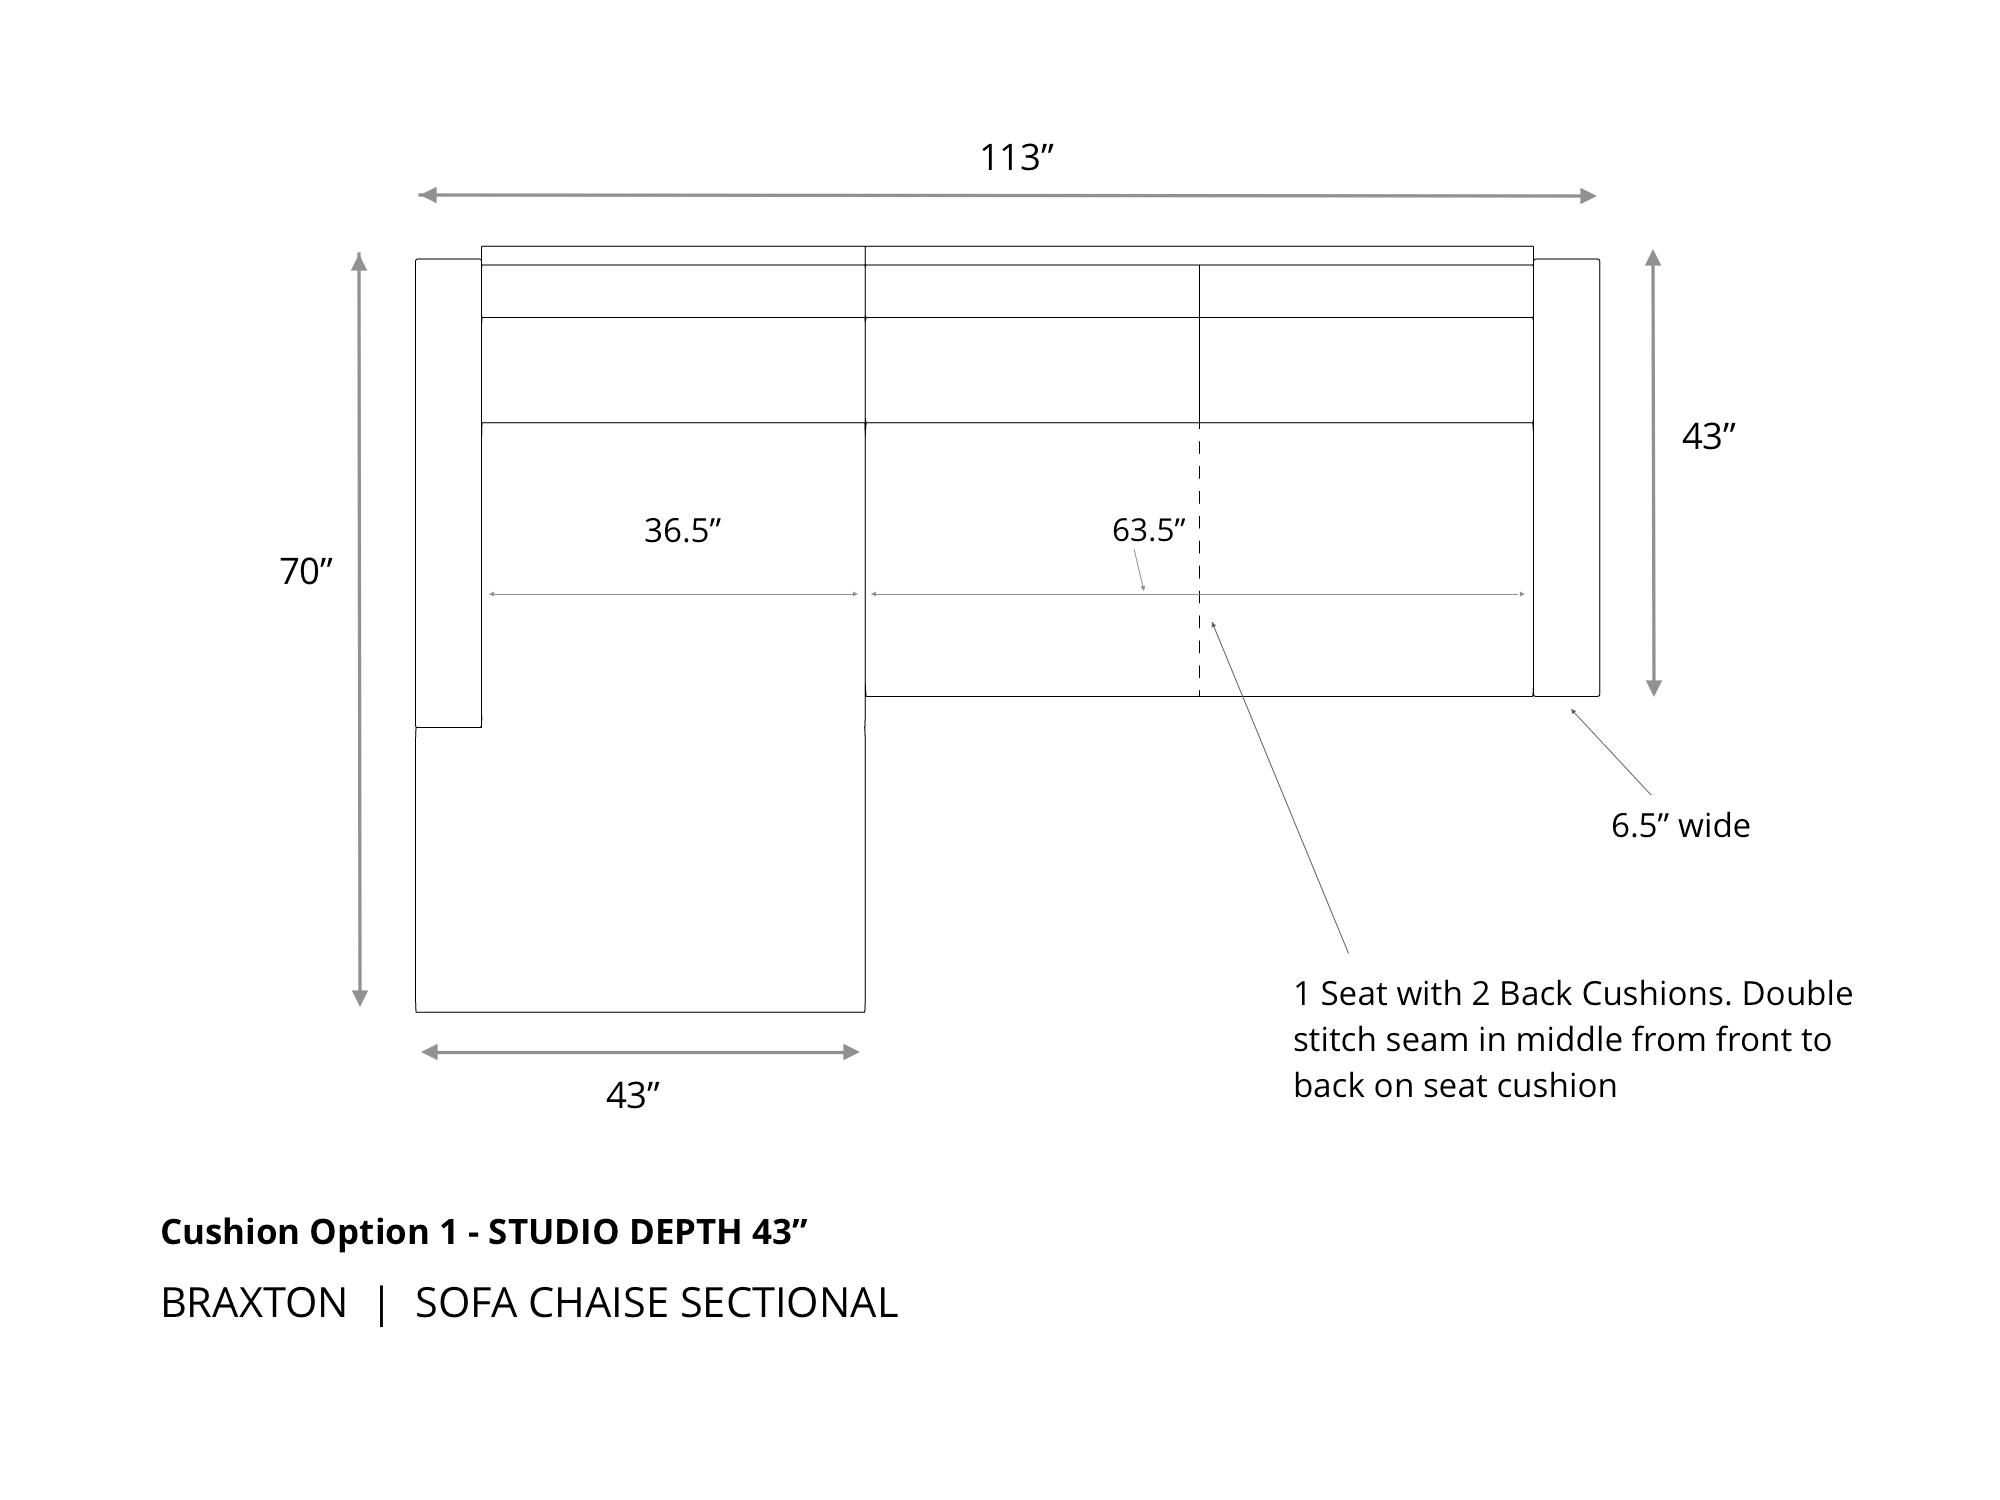 lg dimsgix Braxton Sofa Chaise Sectional 43 1